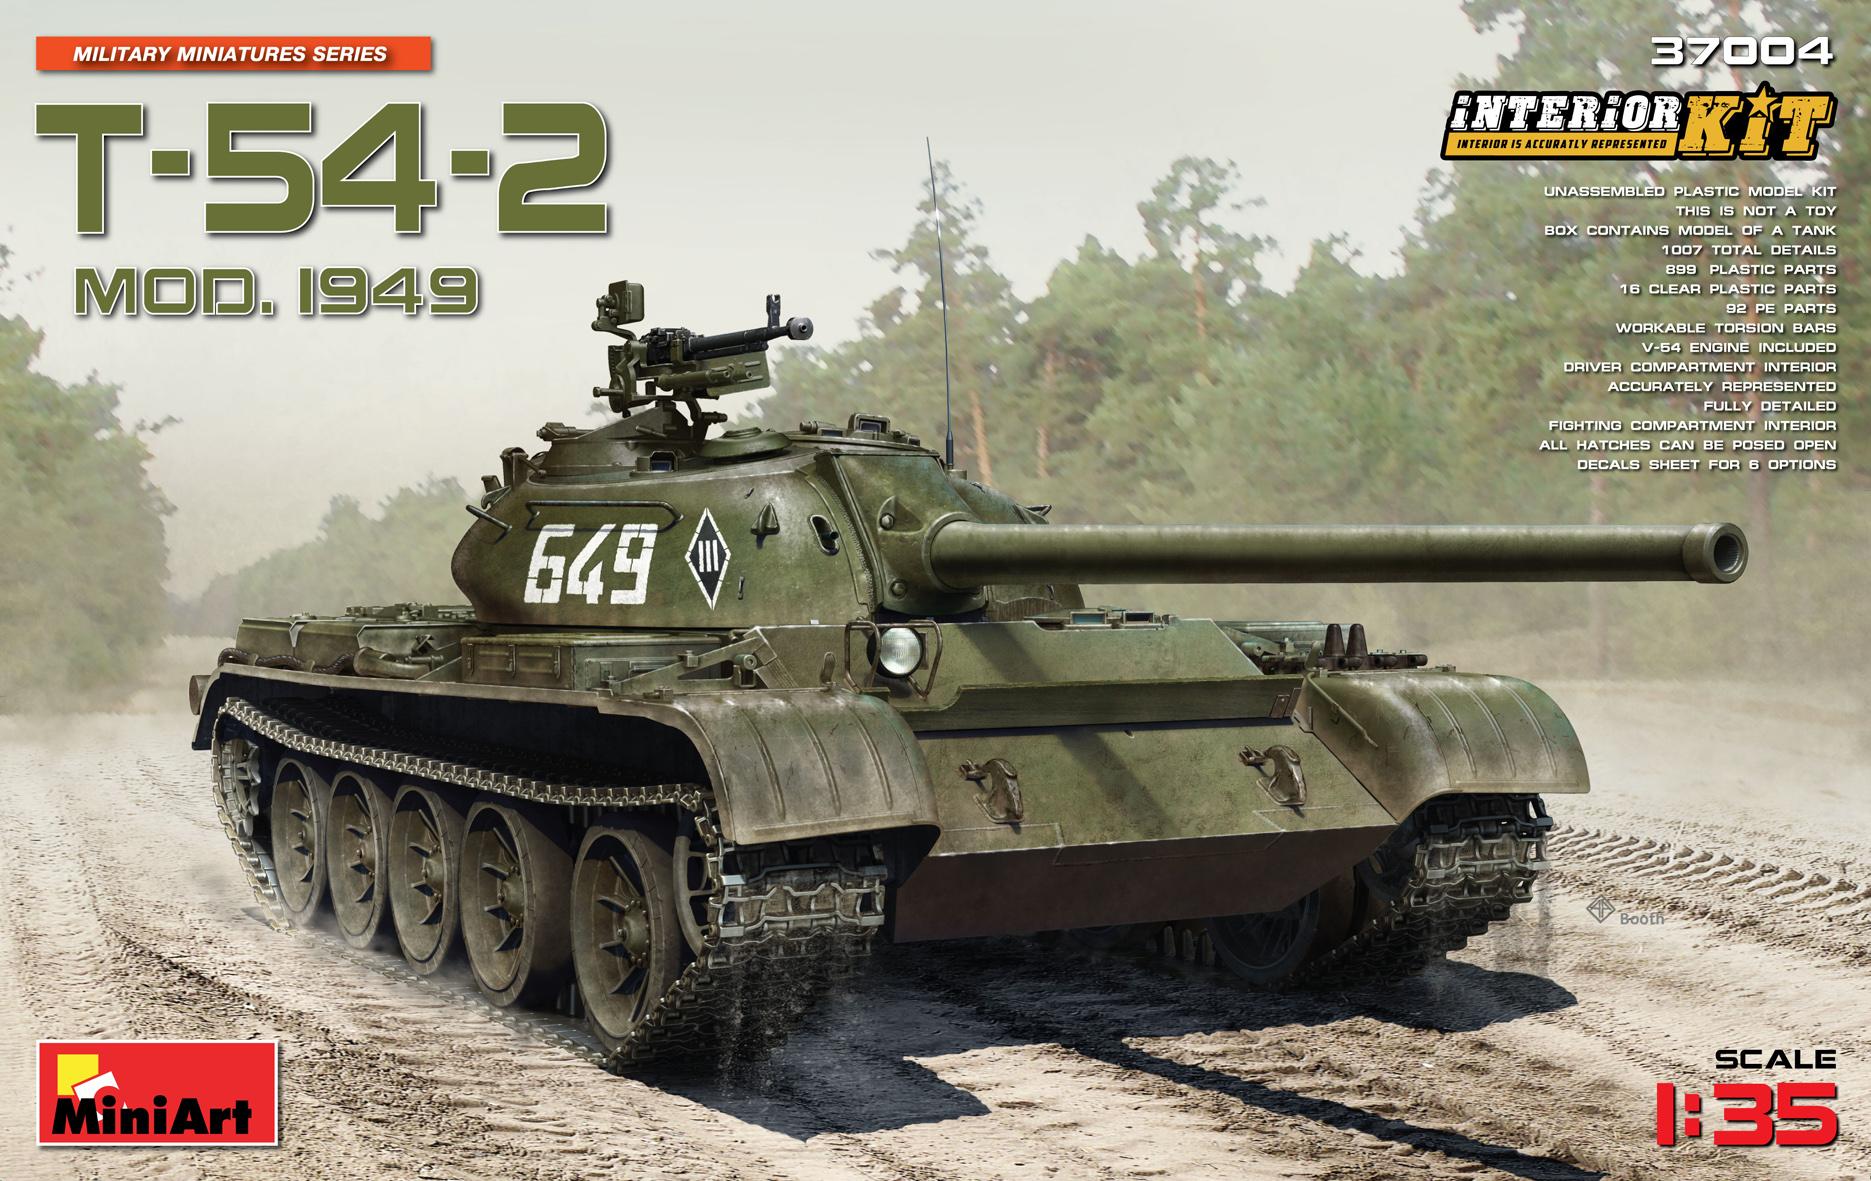 MINIART 37004